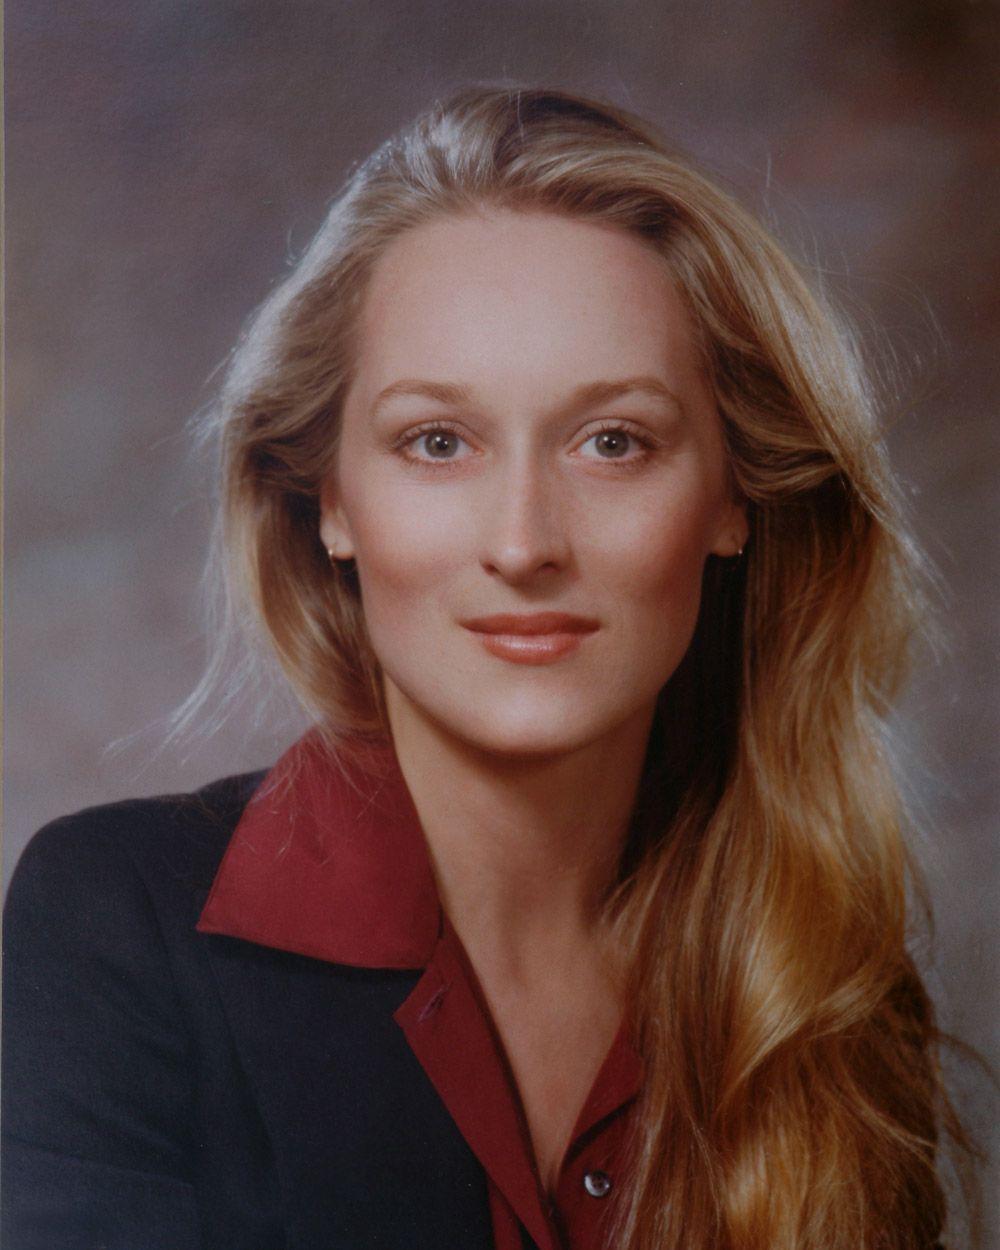 Meryl Streep Meryl Streep new images